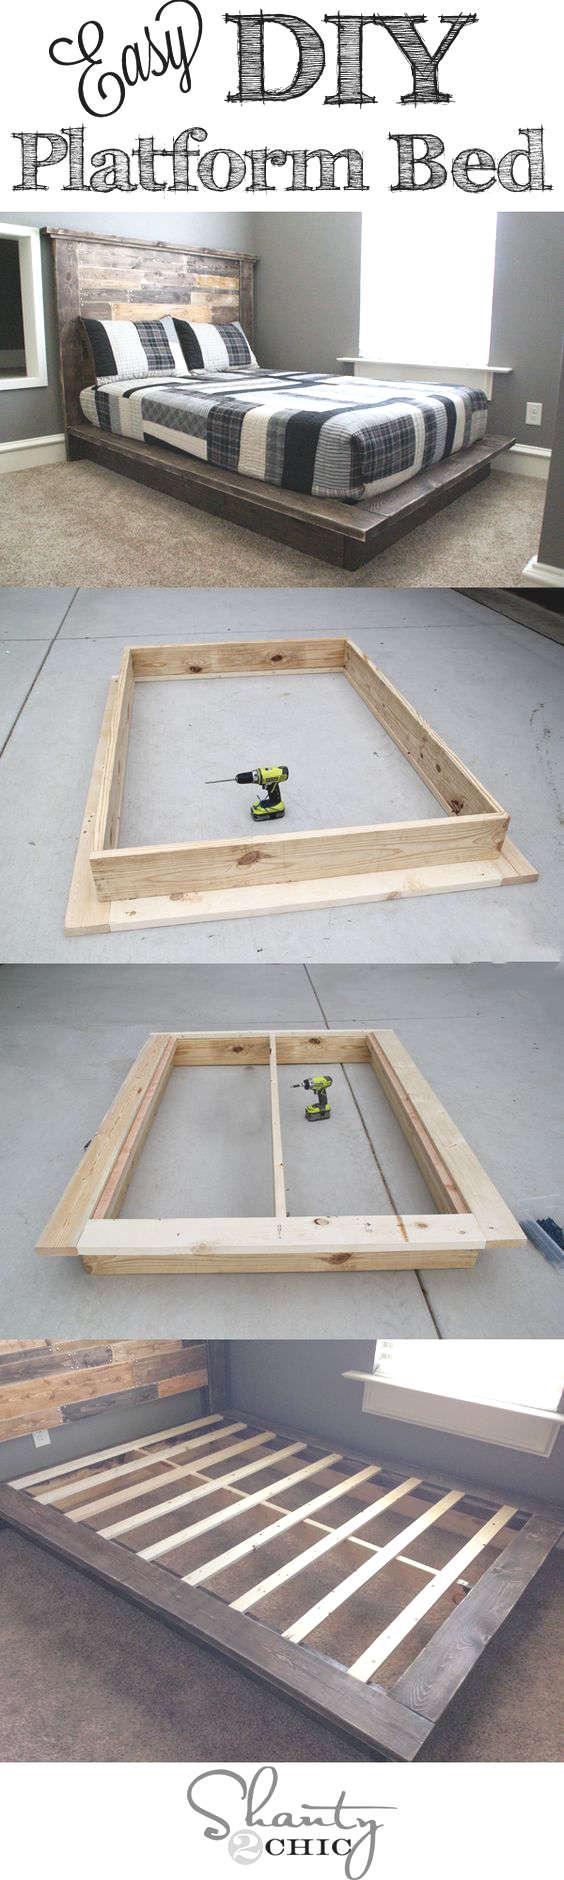 Fabriquer Un Lit En Bois diy, fabriquer un lit plate-forme |